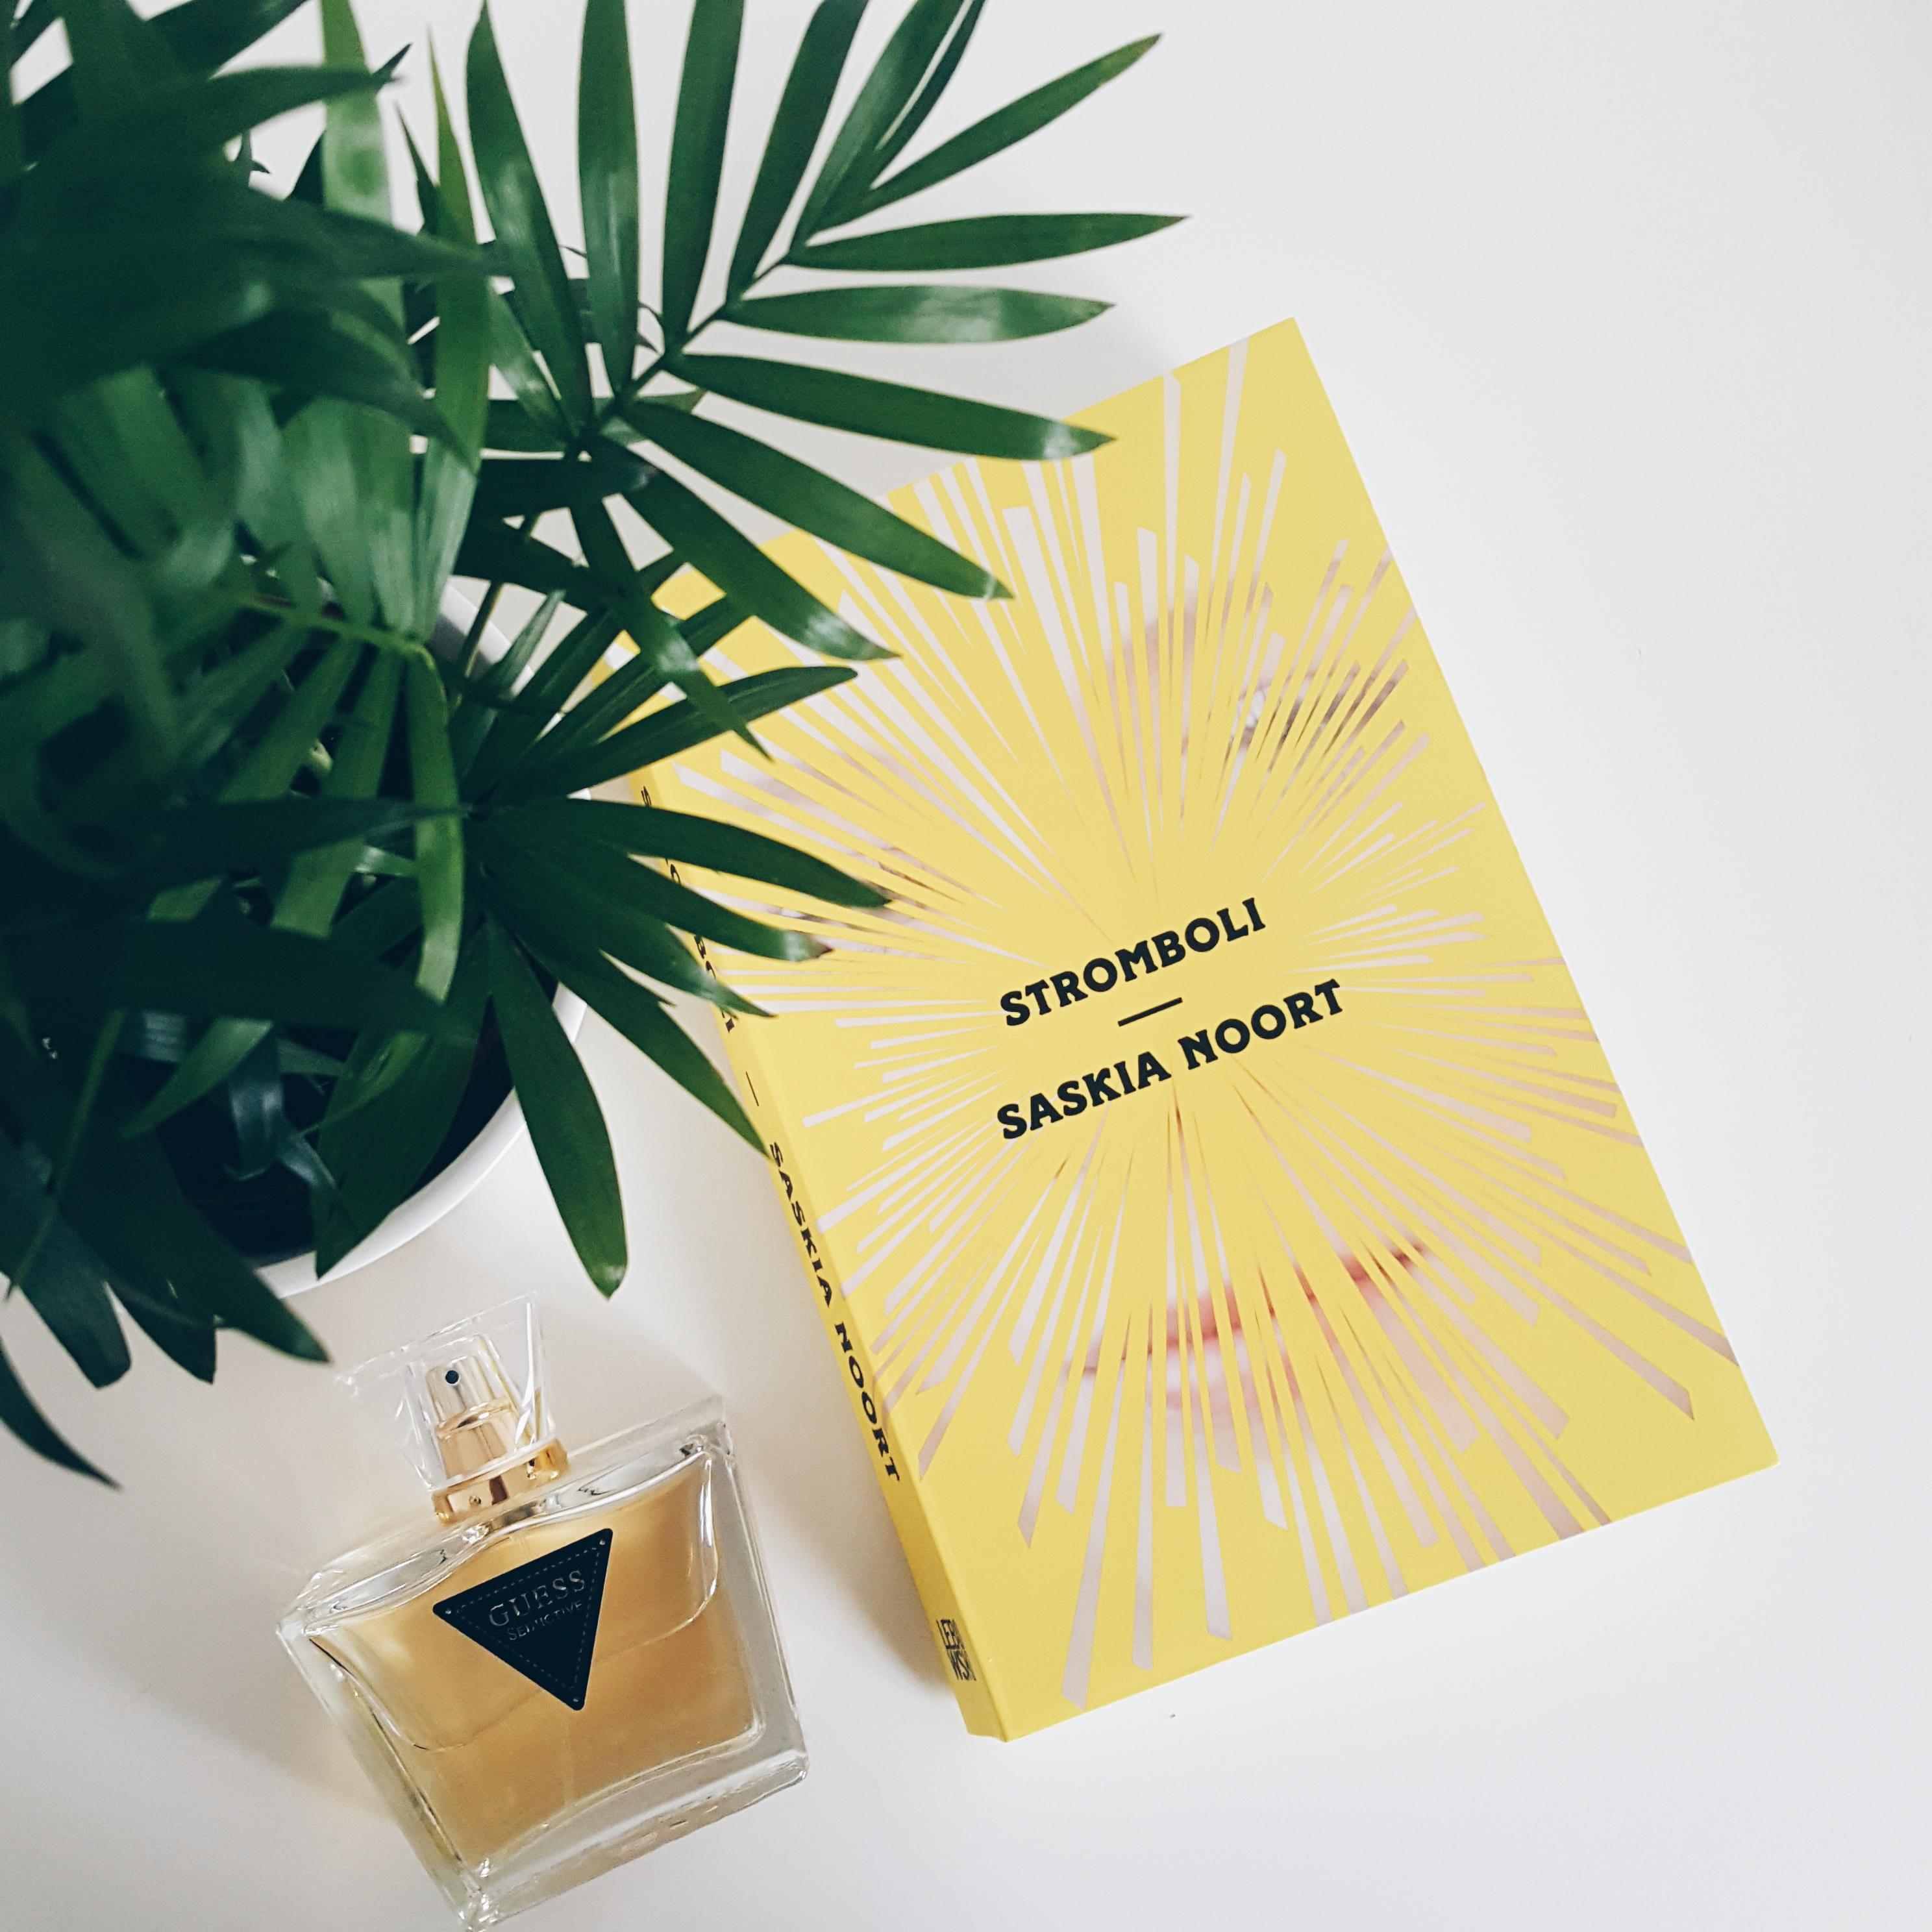 Bestseller Stromboli geschreven door Saskia Noort